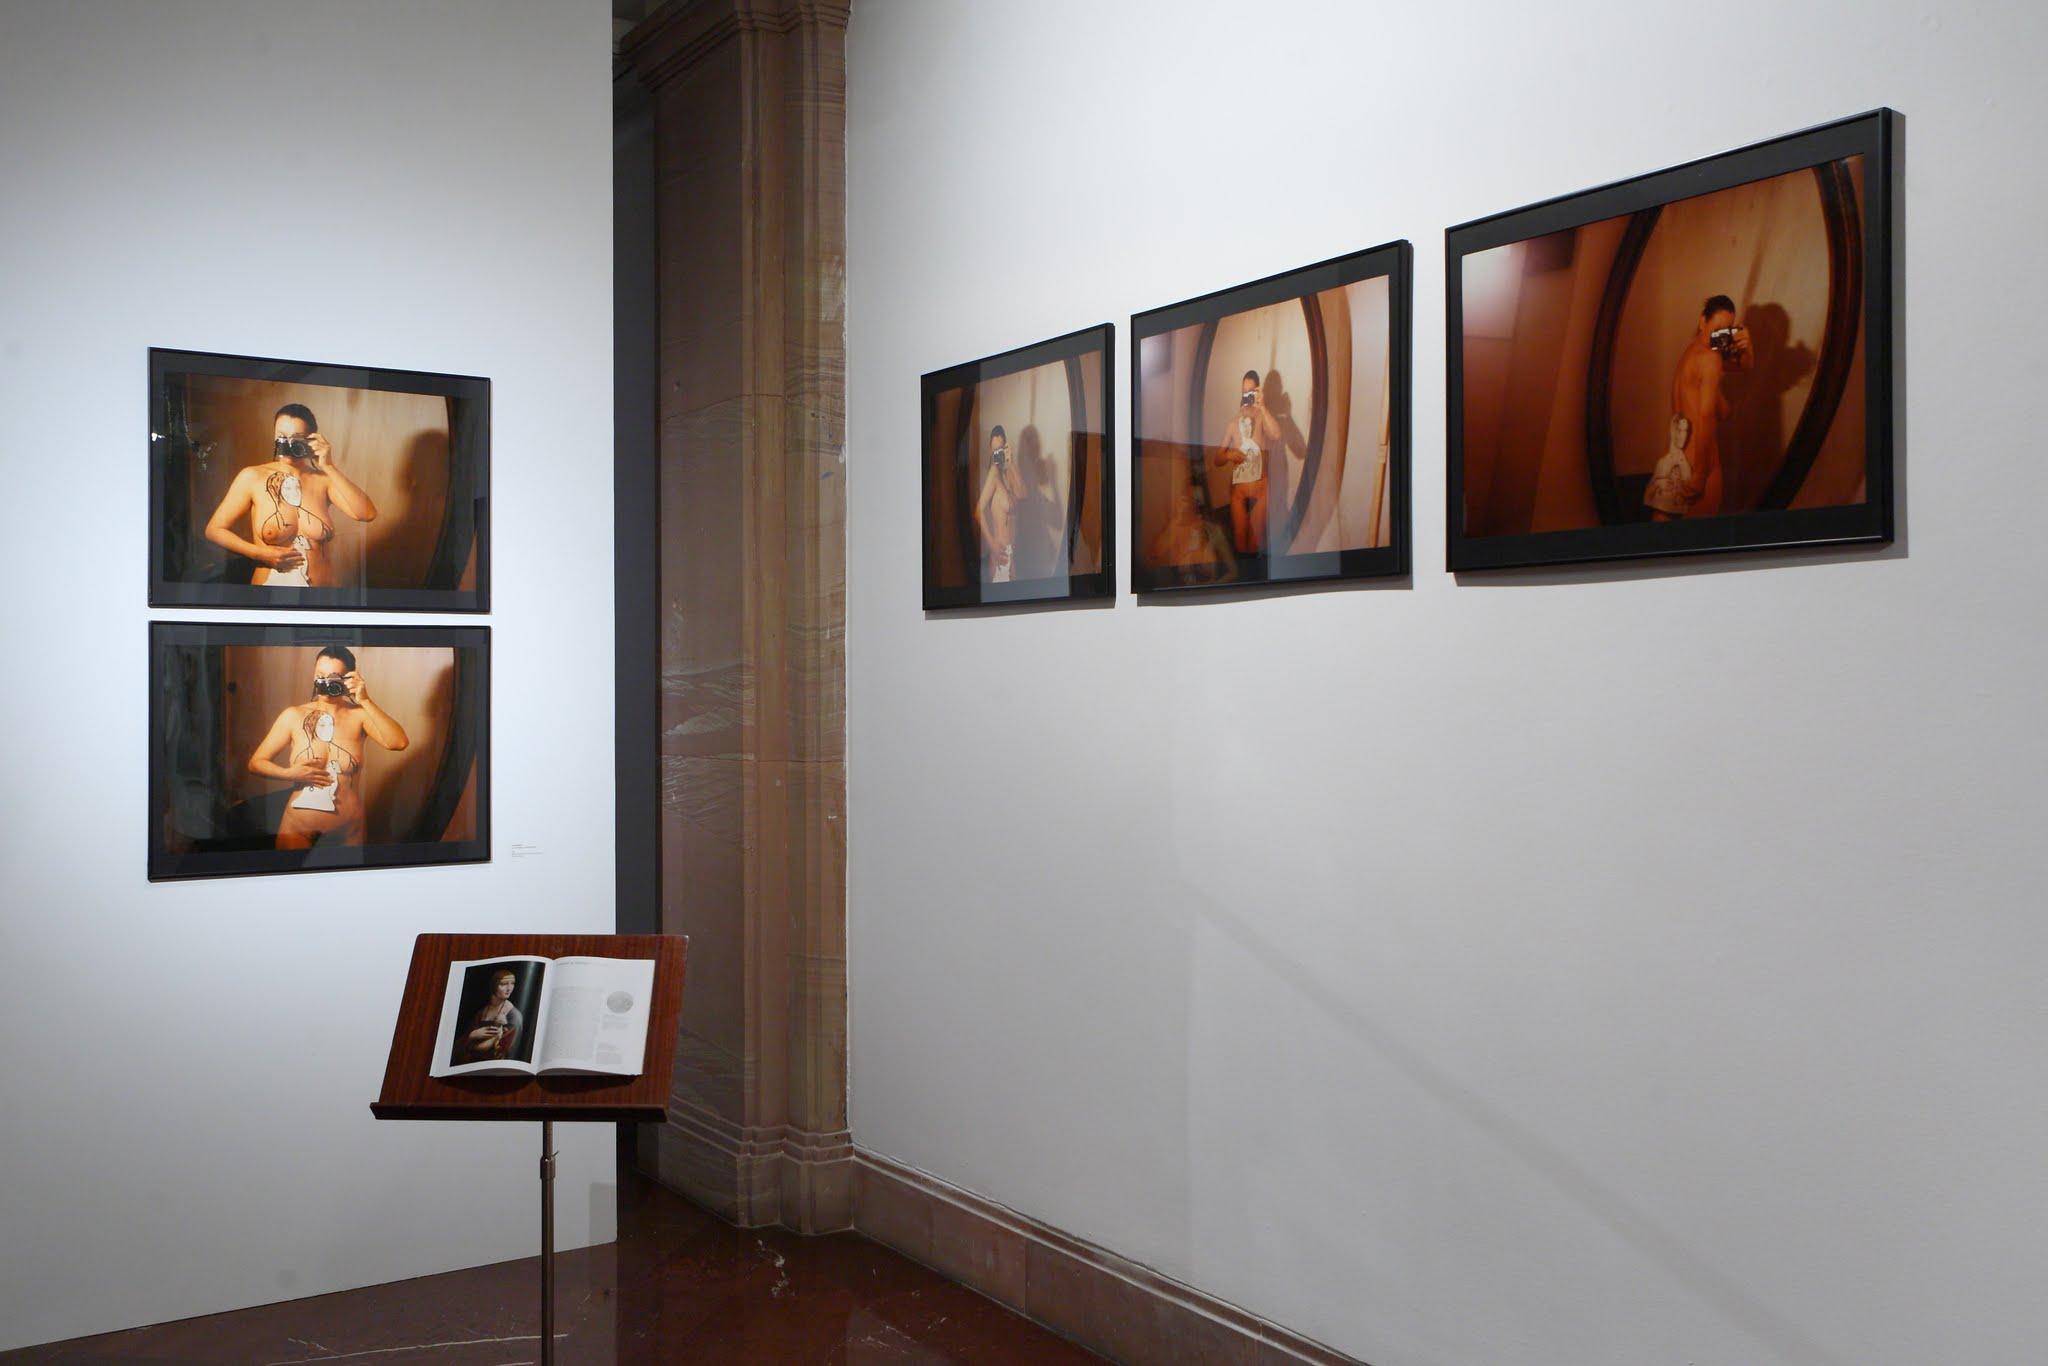 Gry zaparatem / czas przeszły dokonany, Galeria Fotografii pf, Poznań,  widok wystawy